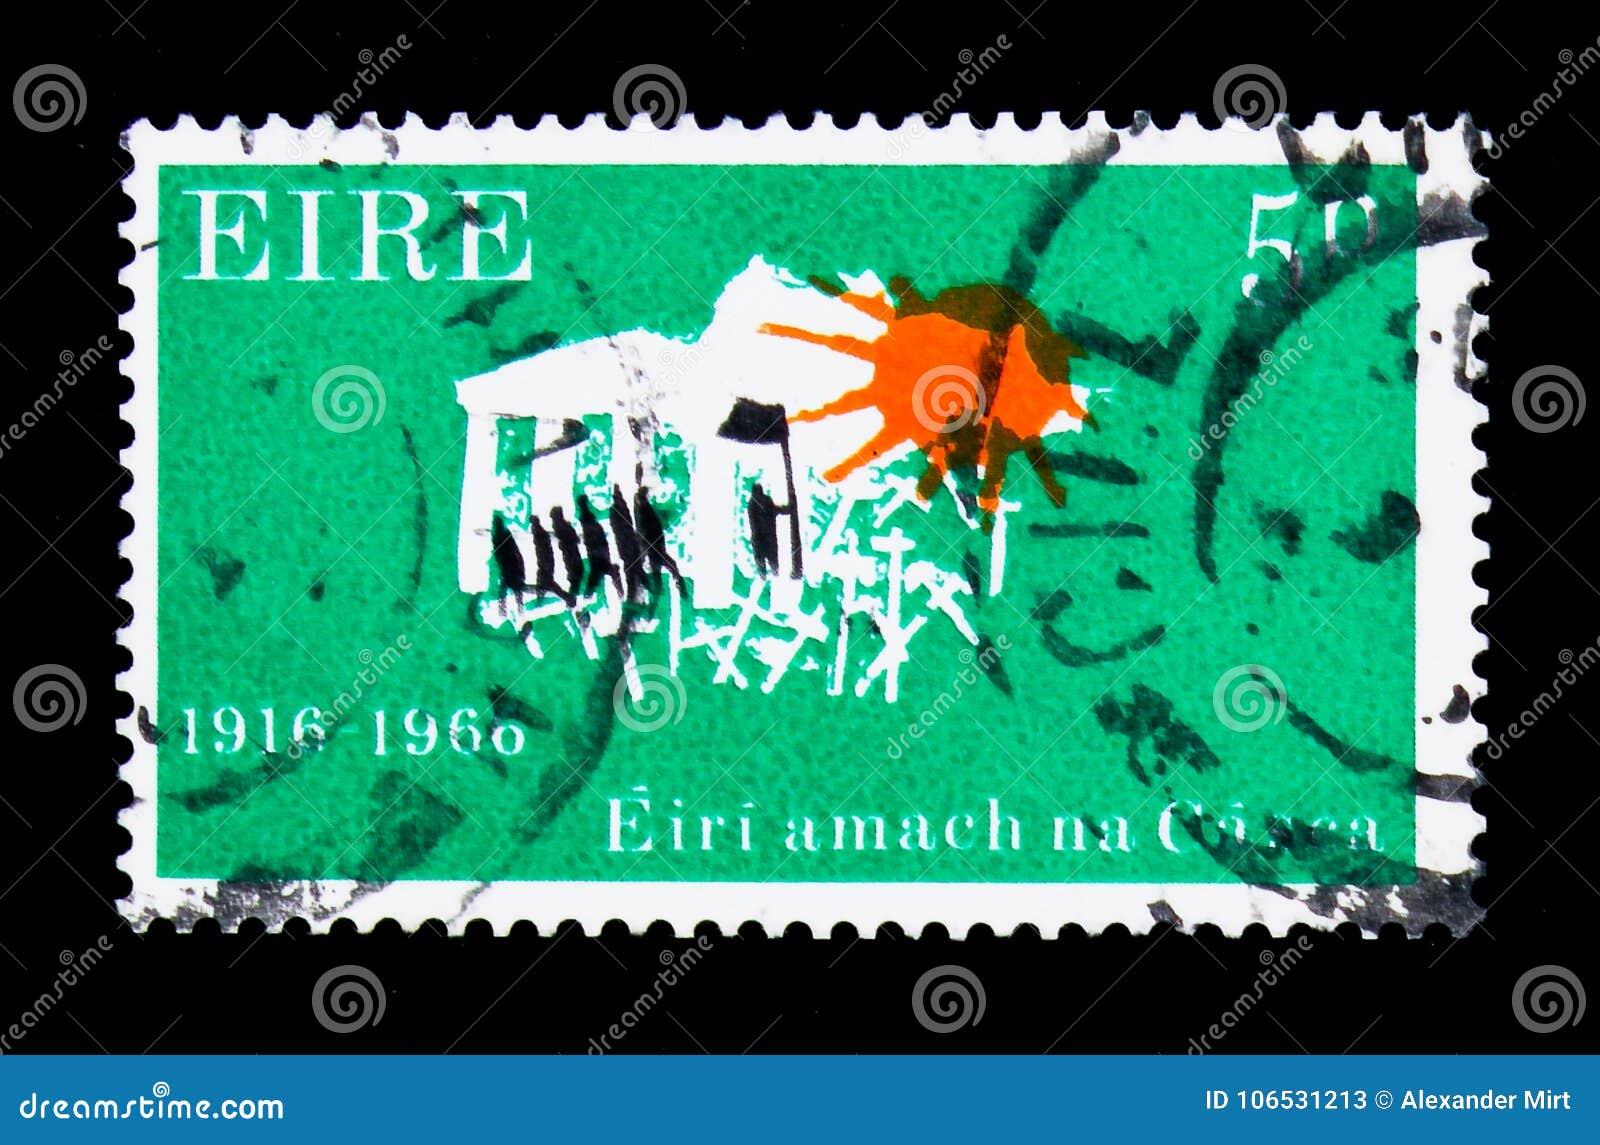 Marcherend aan Vrijheid 1916-1966, 50ste Verjaardag van de Pasen-Opstand serie, circa 1966